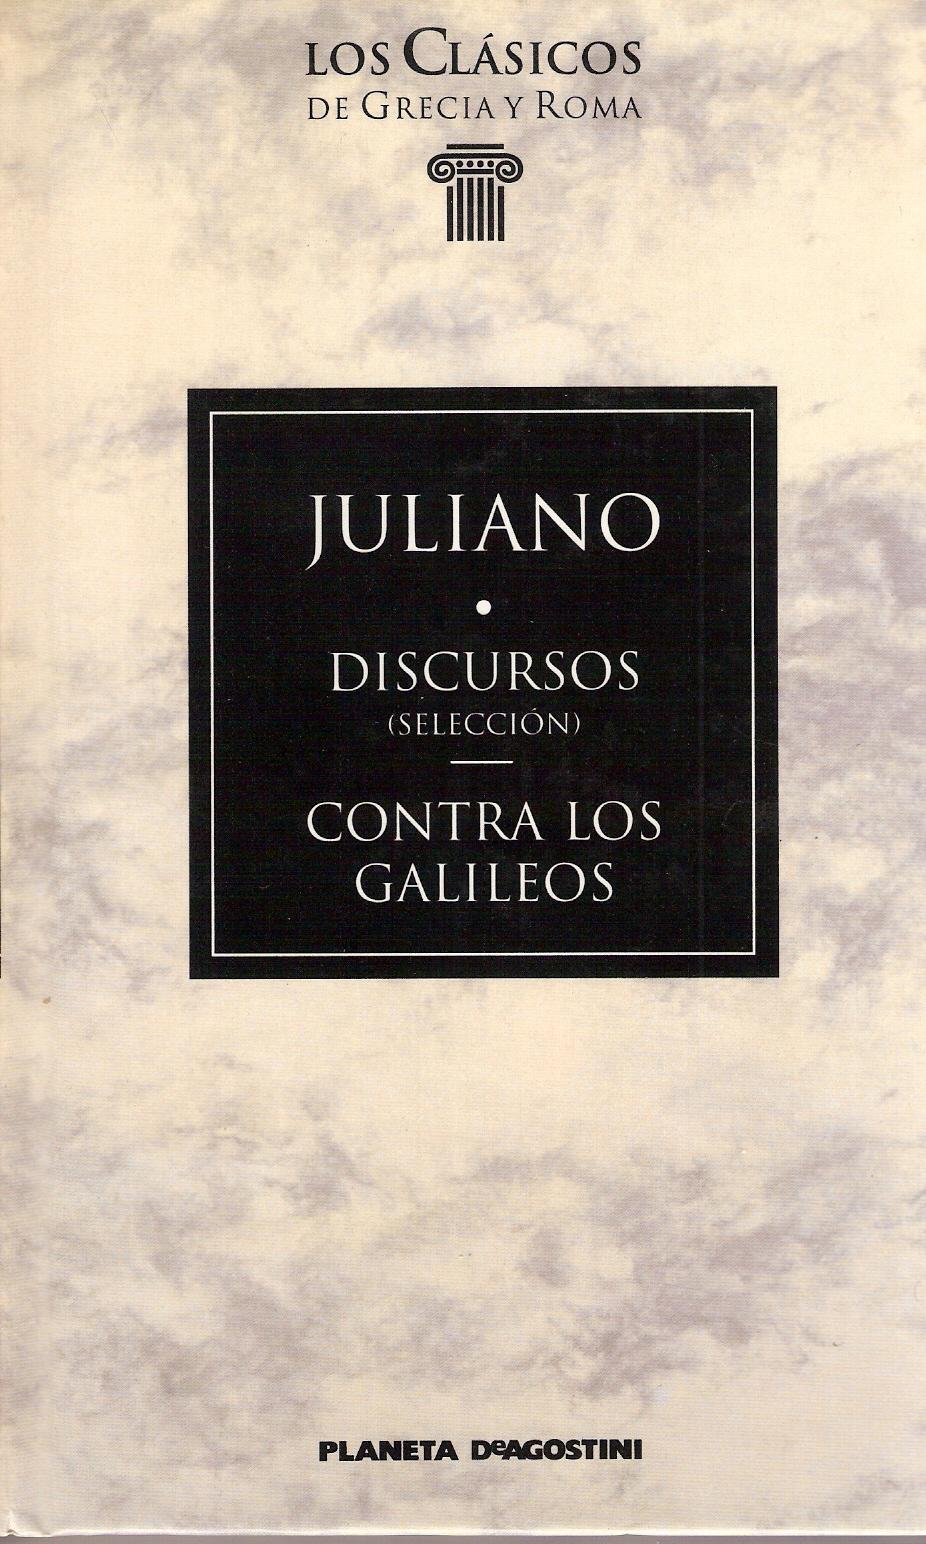 Discursos (Selección) - Contra los Galileos